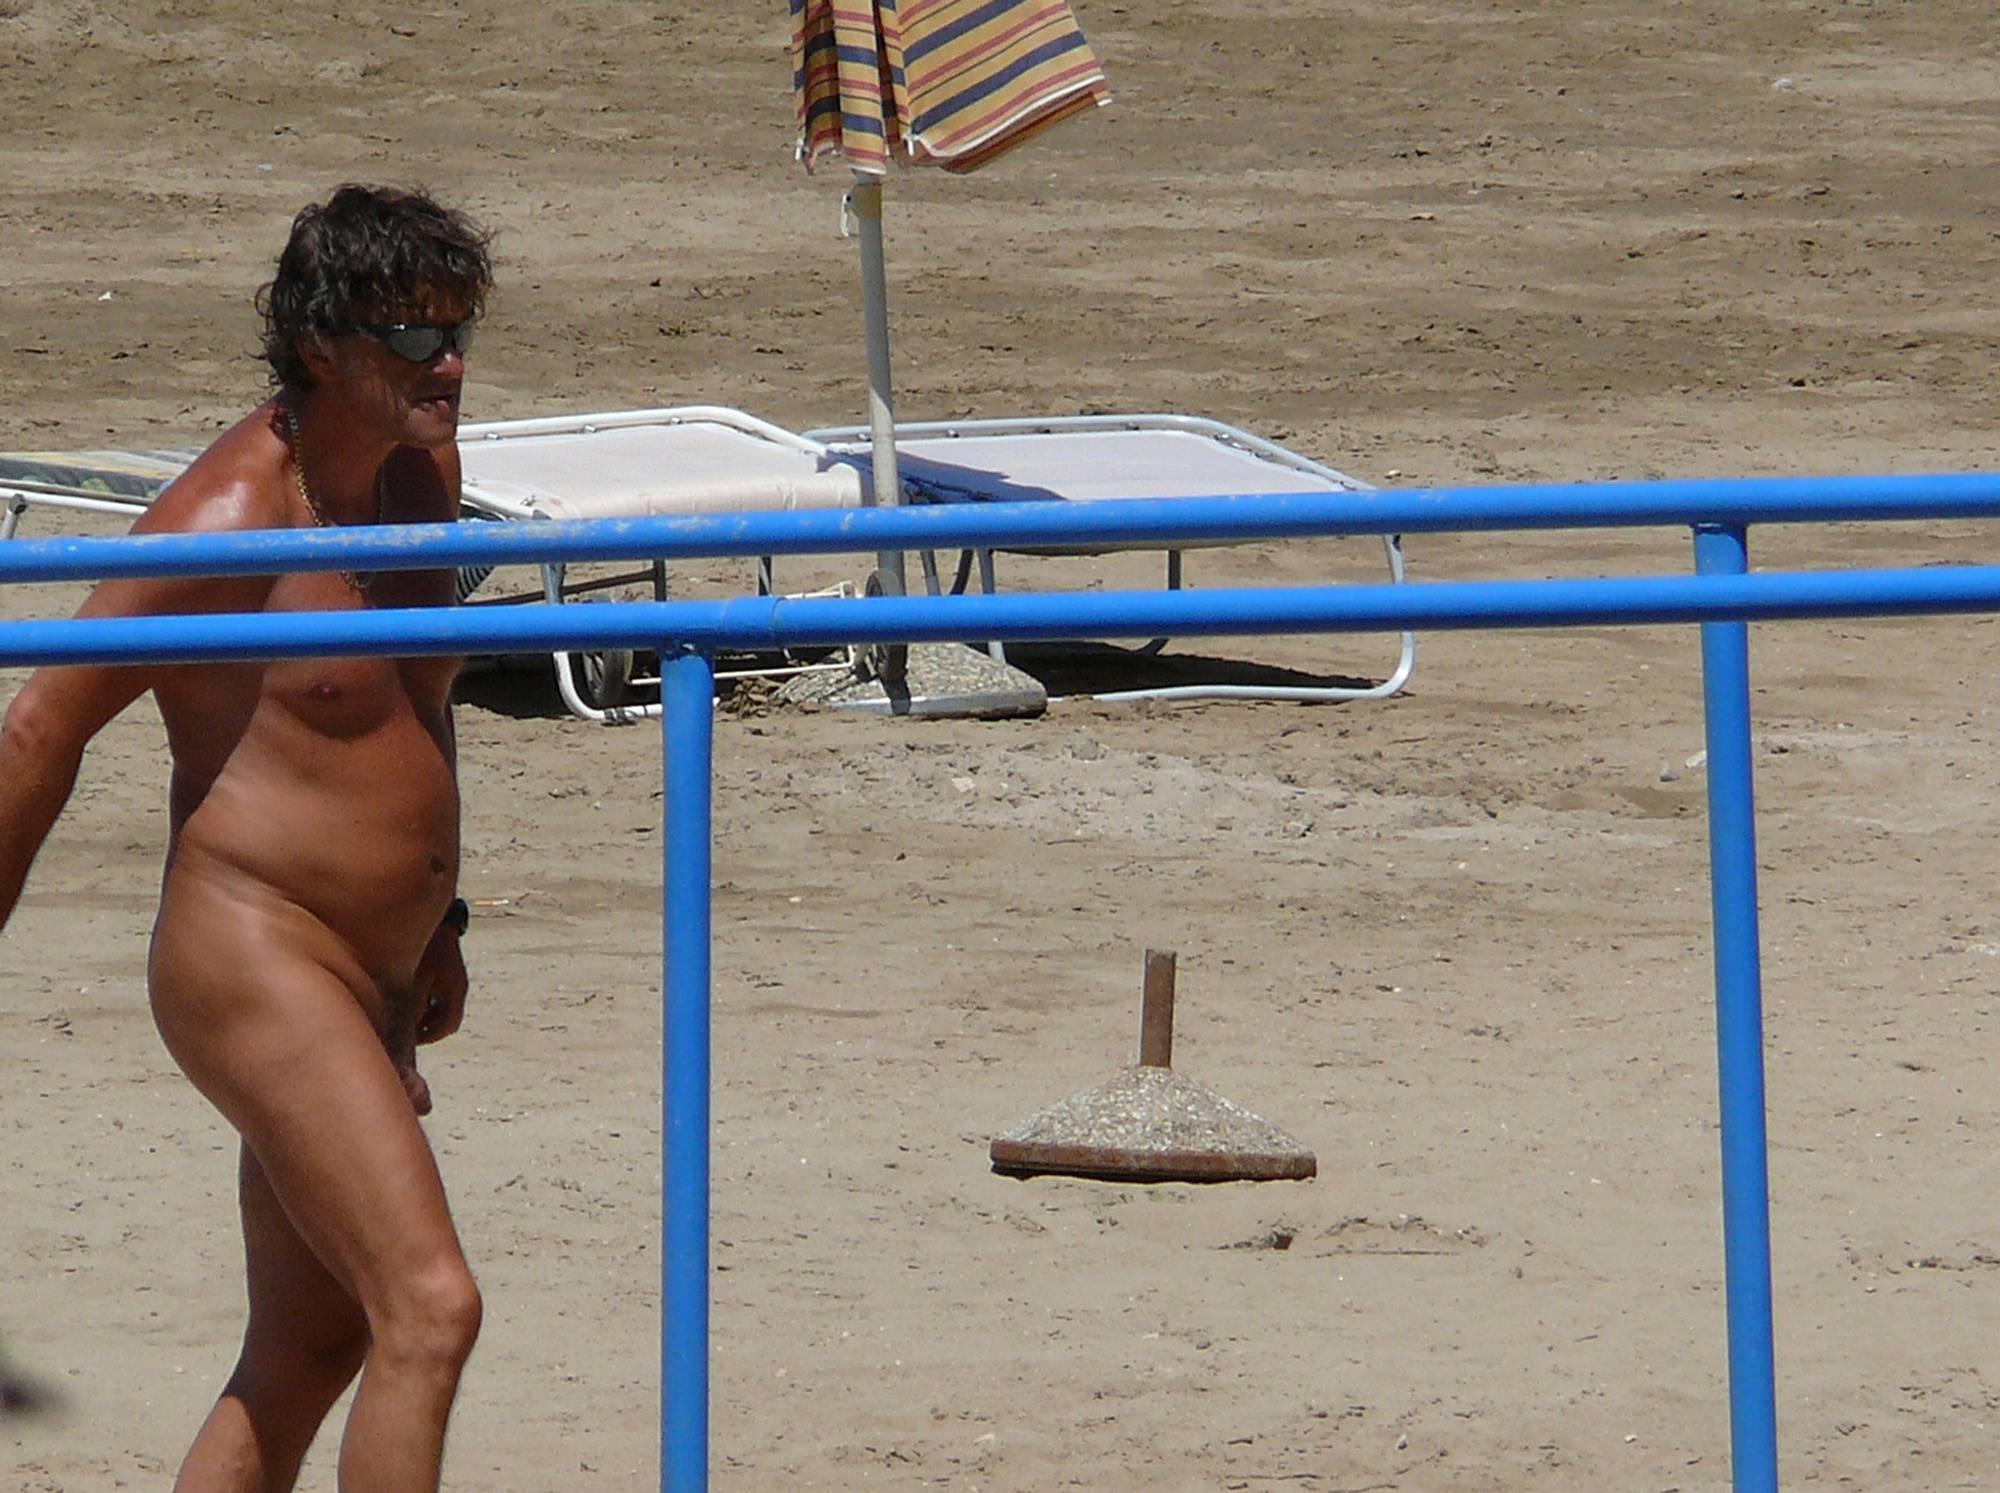 Nudist Photos White Slab Nudist Shower - 2